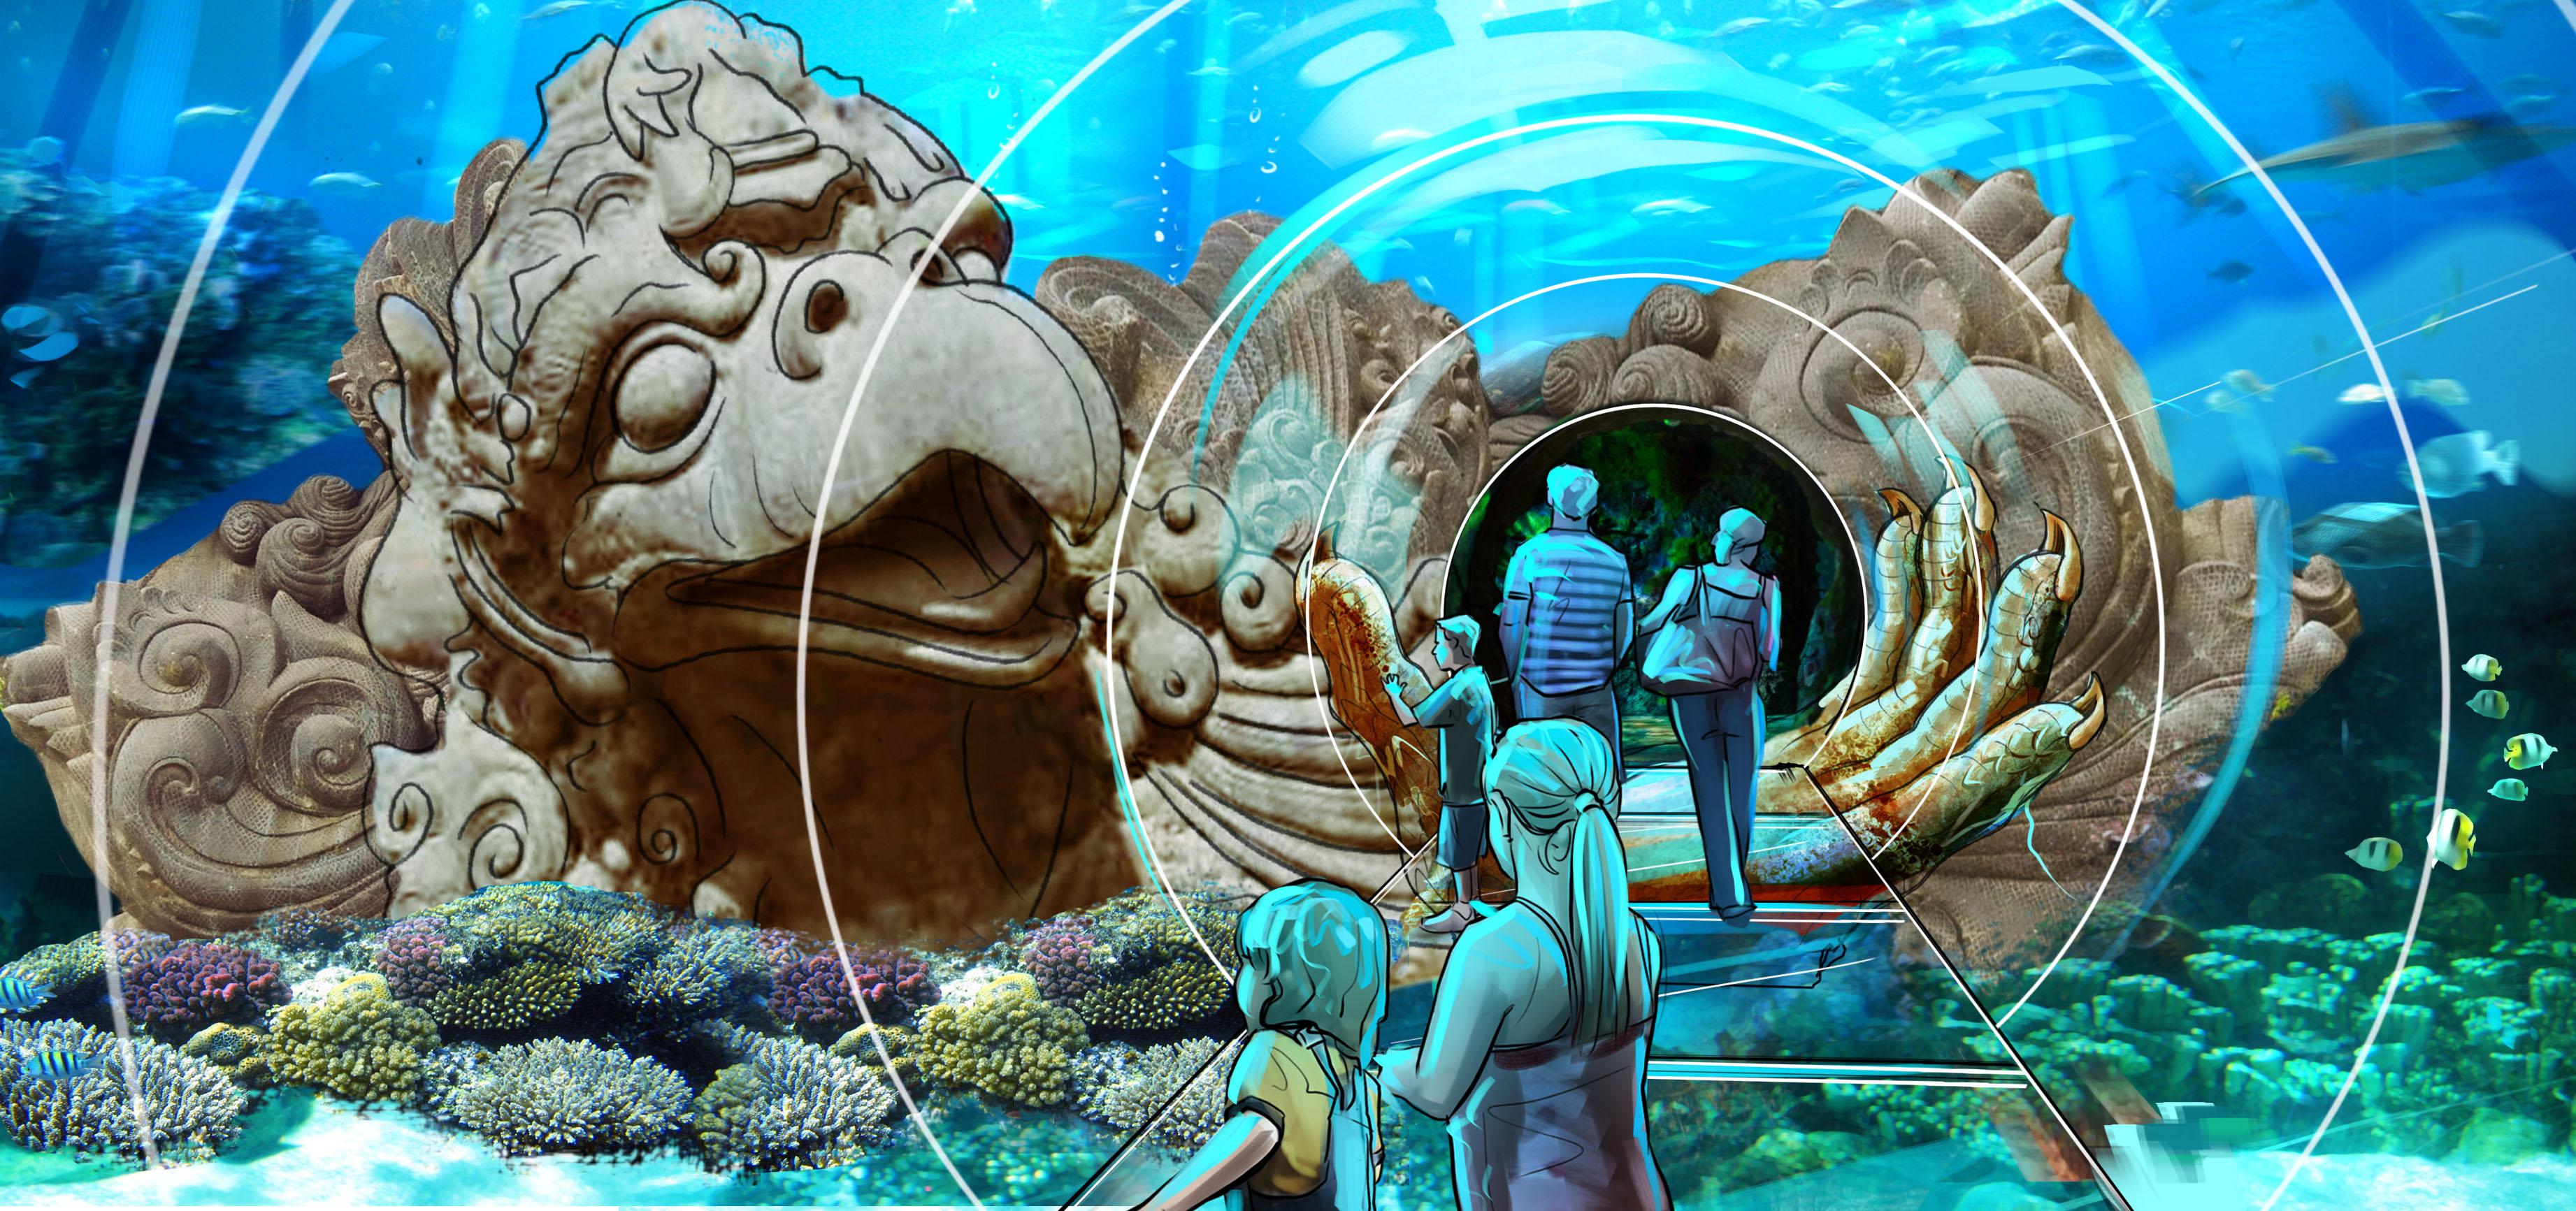 Behind The Thrills 360 Degree Underwater Tunnel Gets